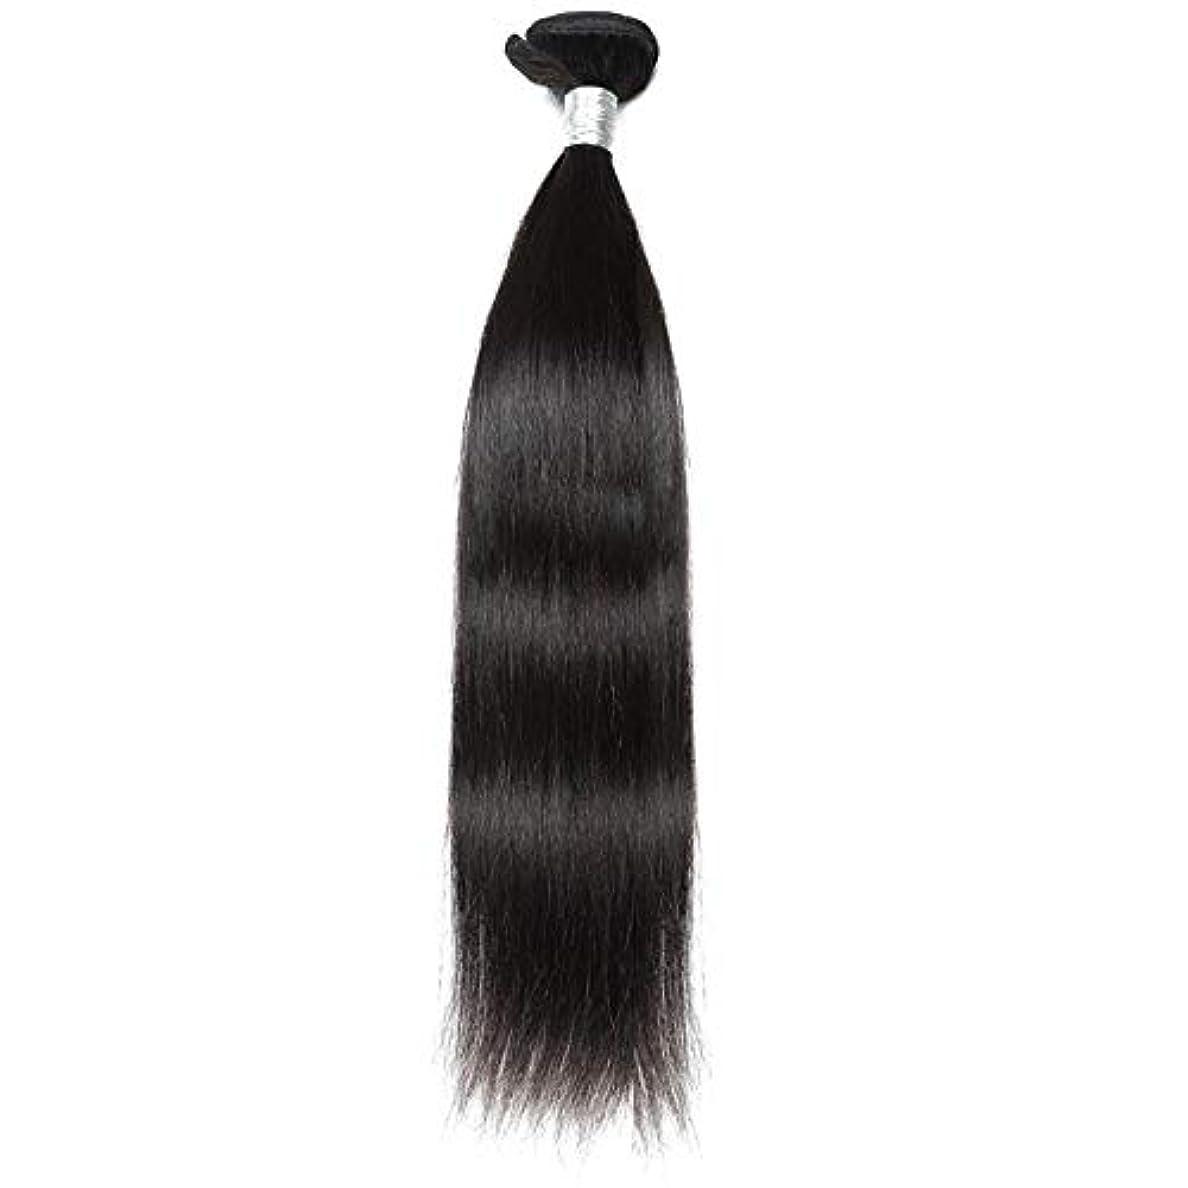 病院鷲ファイアルWASAIO ブラジルのバージン毛なめらかな単純明快な人間が1つのバンドルナチュラルカラーの拡張バンドルを編む(10インチ?26インチ) (色 : 黒, サイズ : 12 inch)